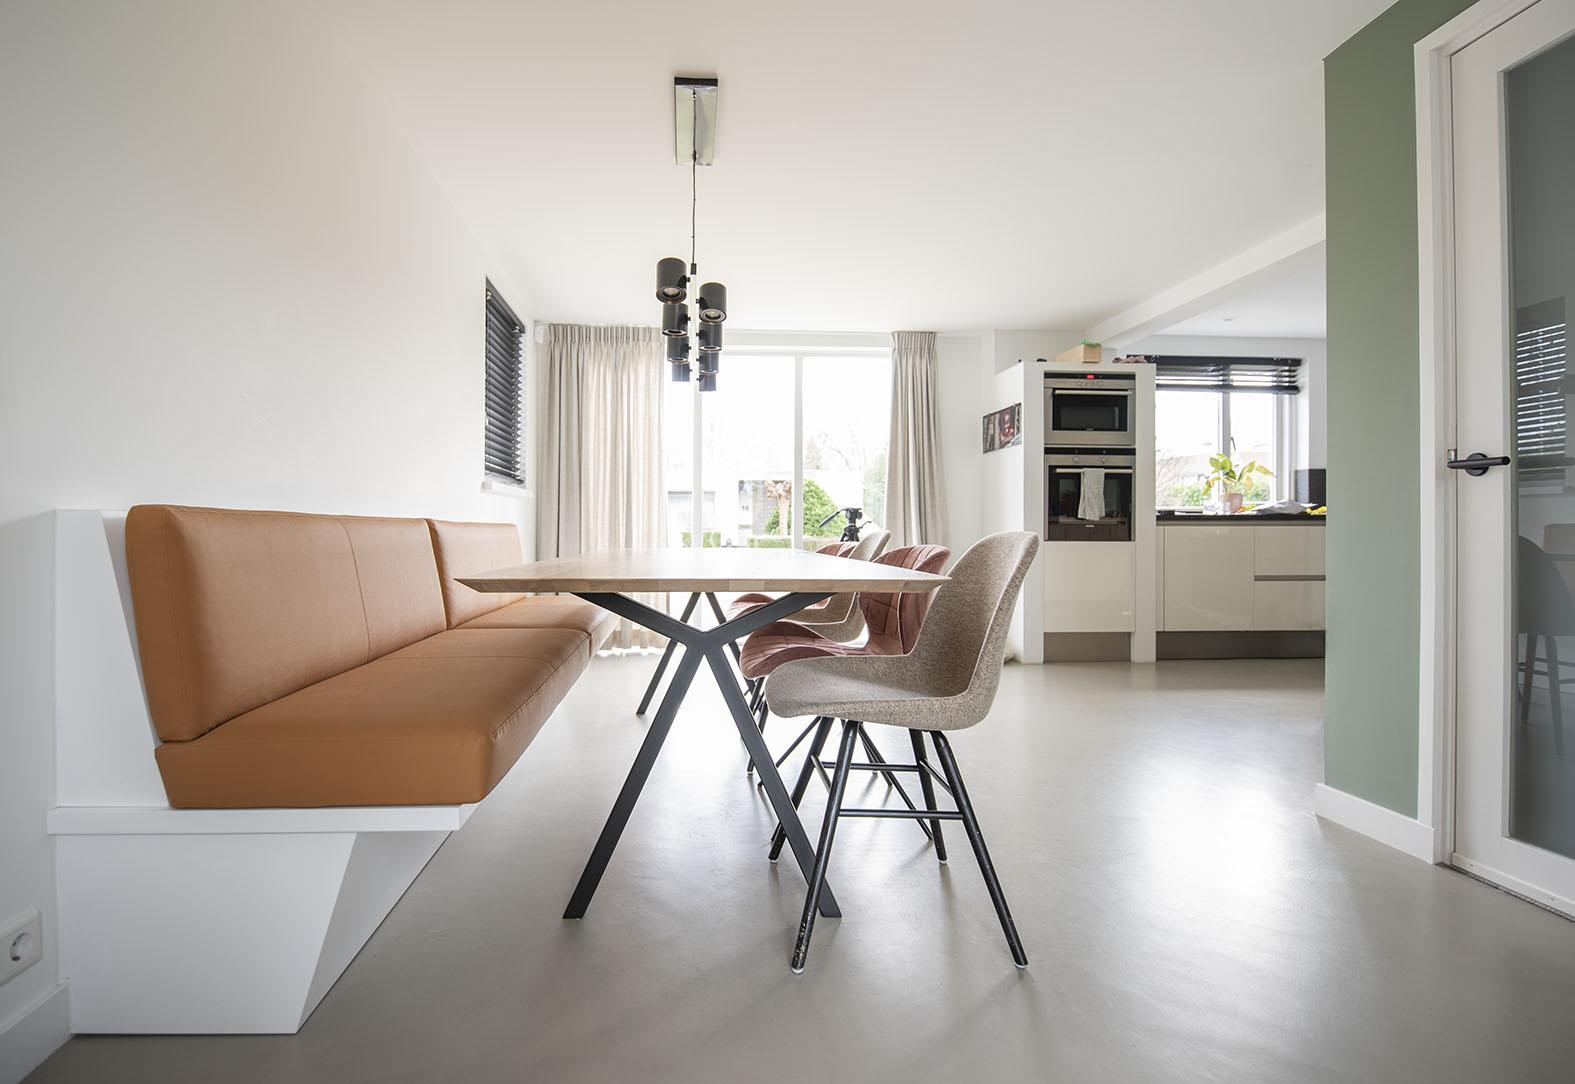 Moderne woonkeuken groen interieuradvies Den Bosch Engelen stylen eetbank op maat maatwerk studio Henk eettafel kussens op maat